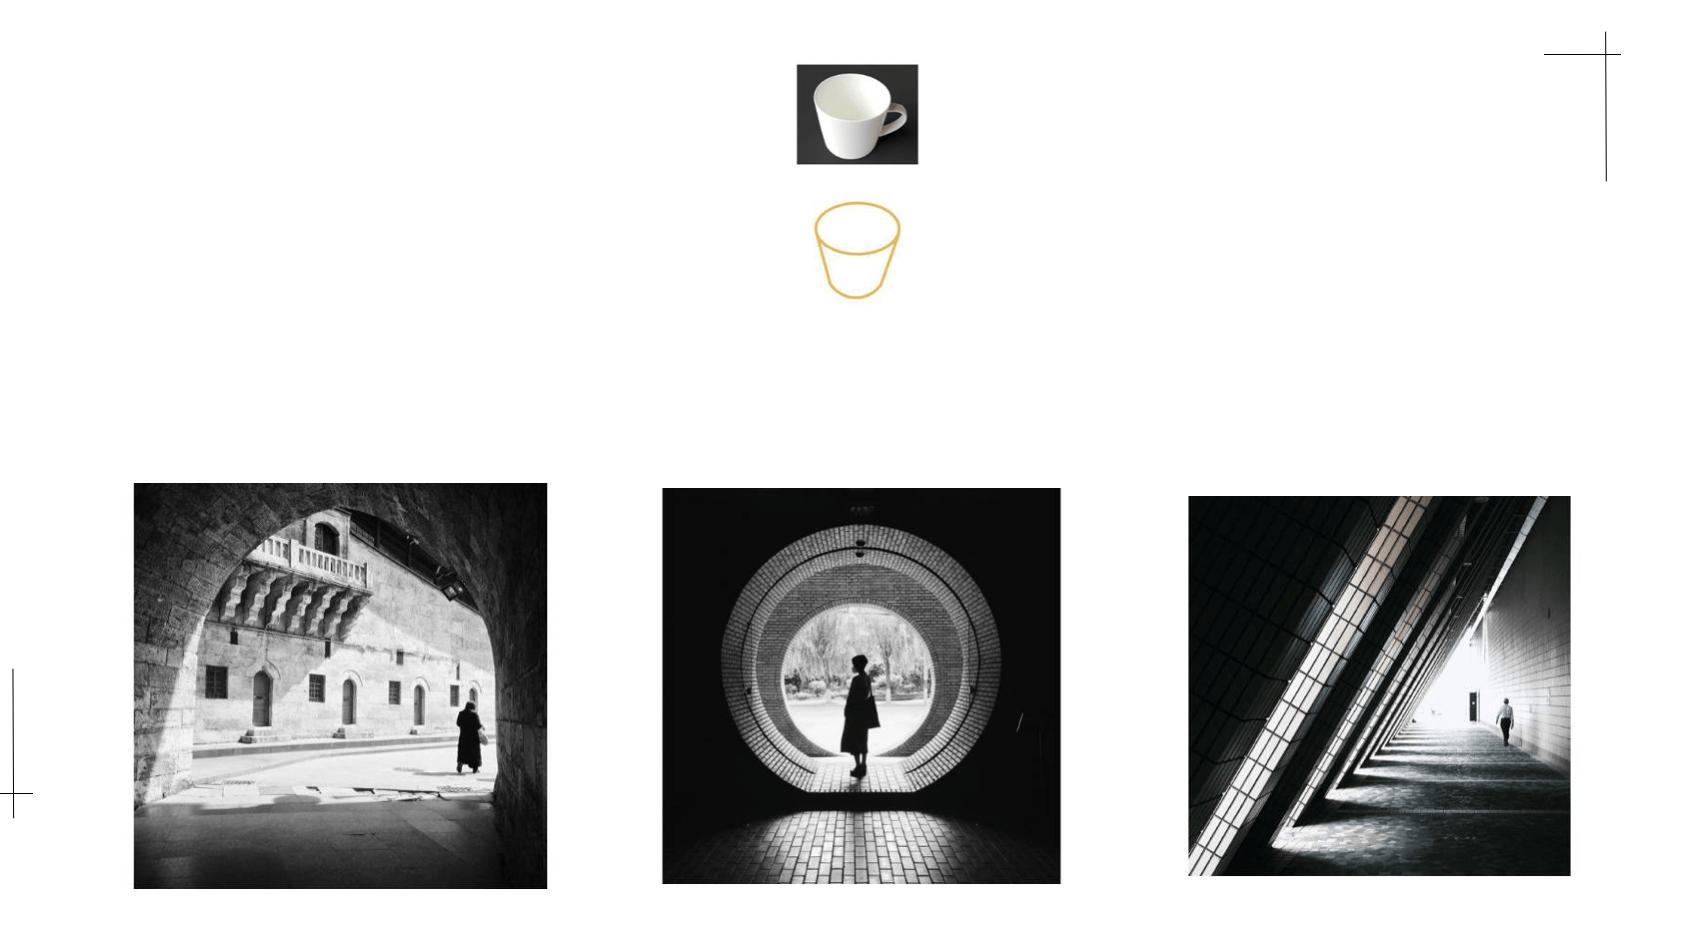 構圖之於攝影的重要性